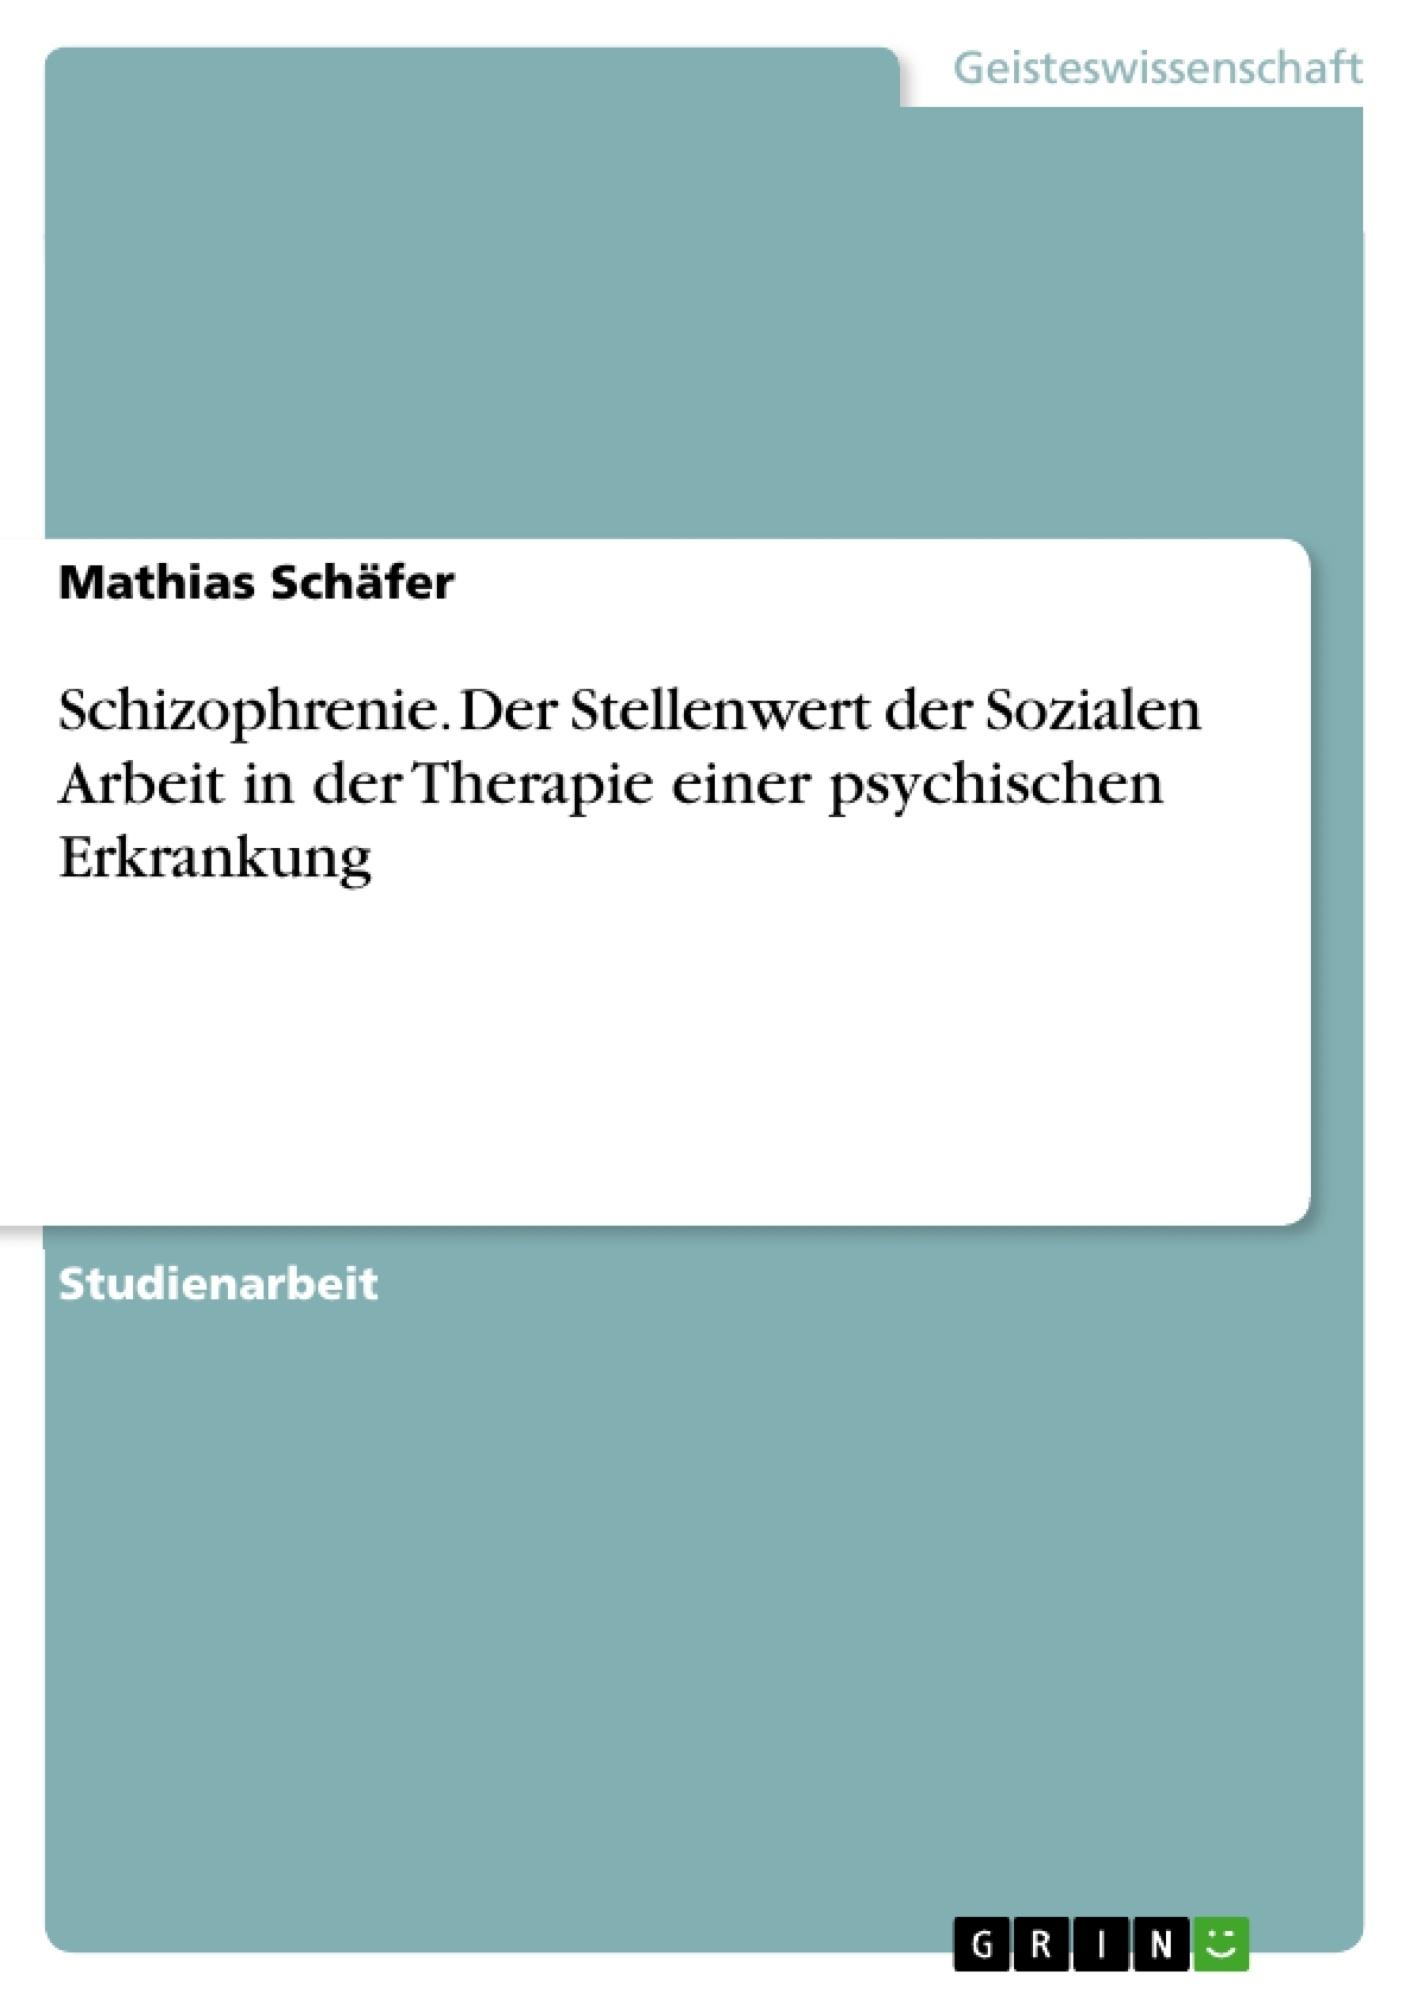 Titel: Schizophrenie. Der Stellenwert der Sozialen Arbeit in der Therapie einer psychischen Erkrankung